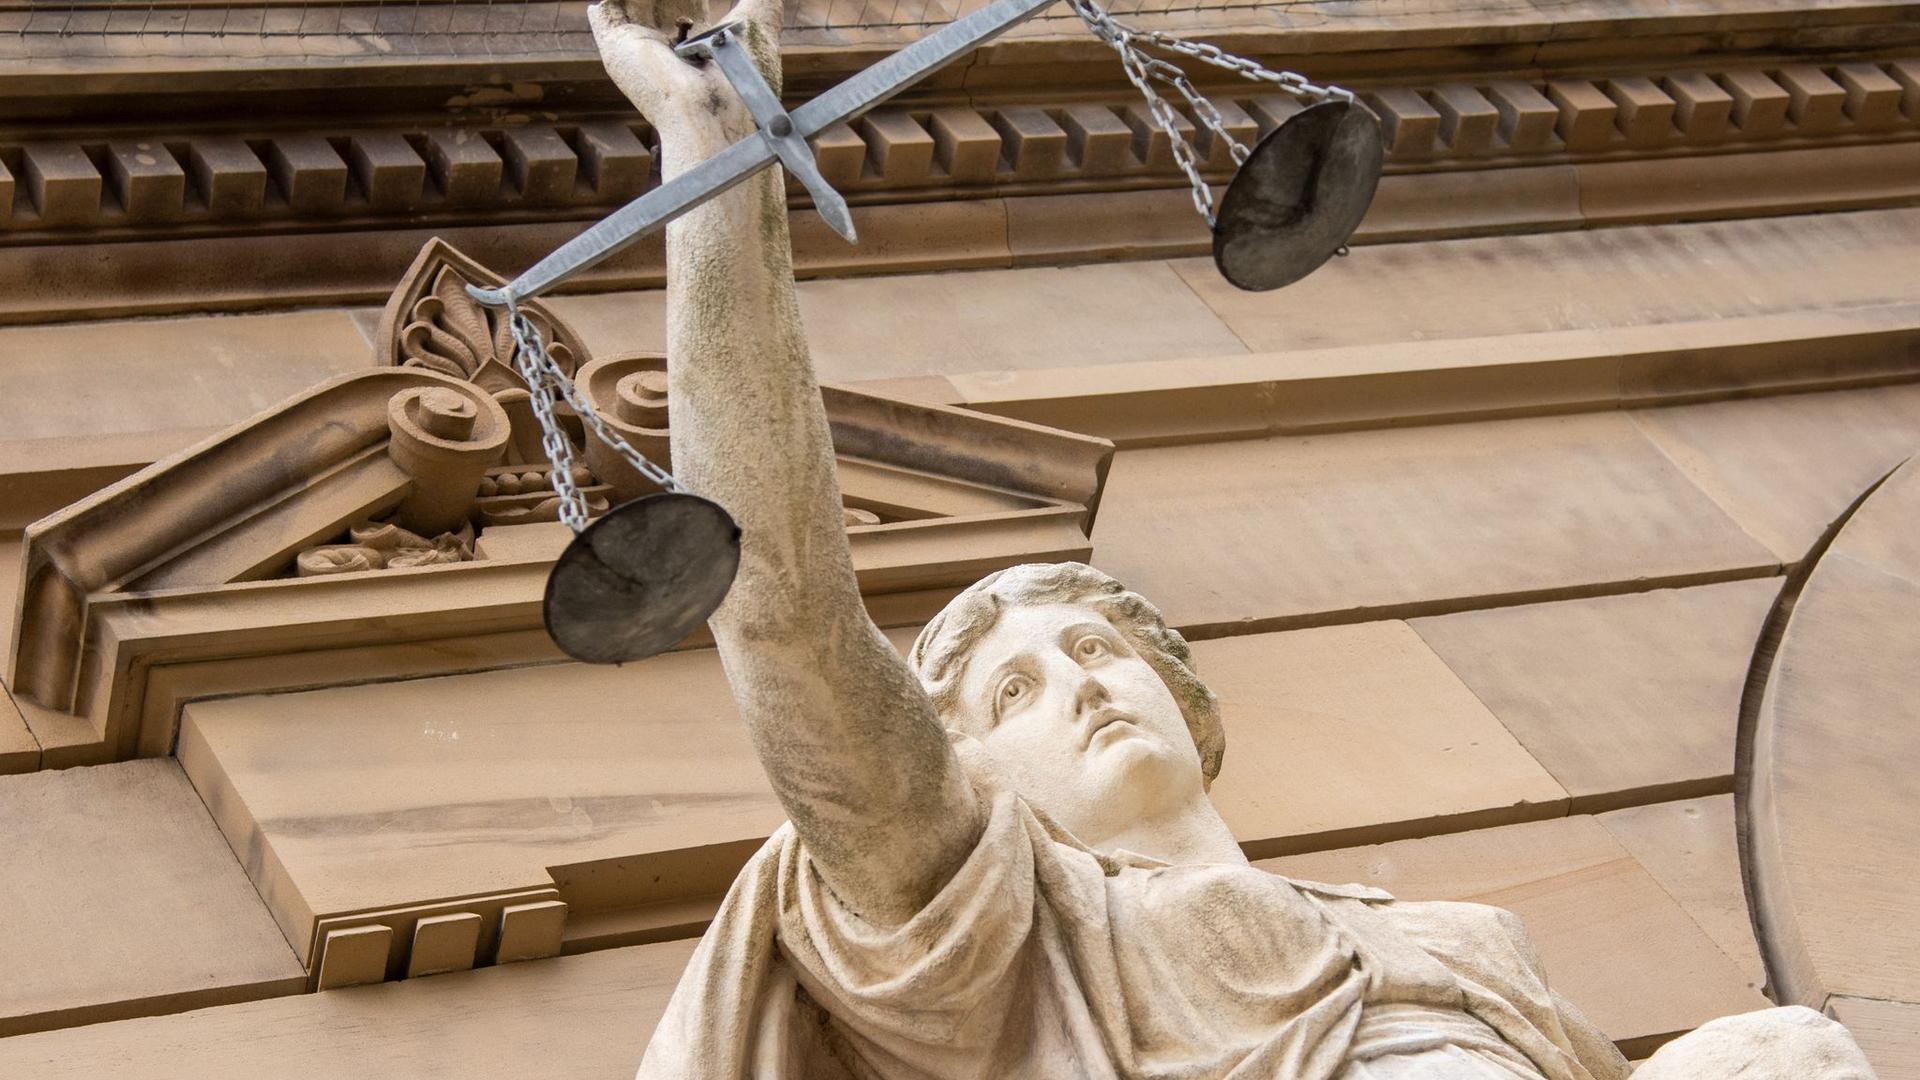 Vor einem Gericht hält eine Statue der Justitia eine Waagschale.